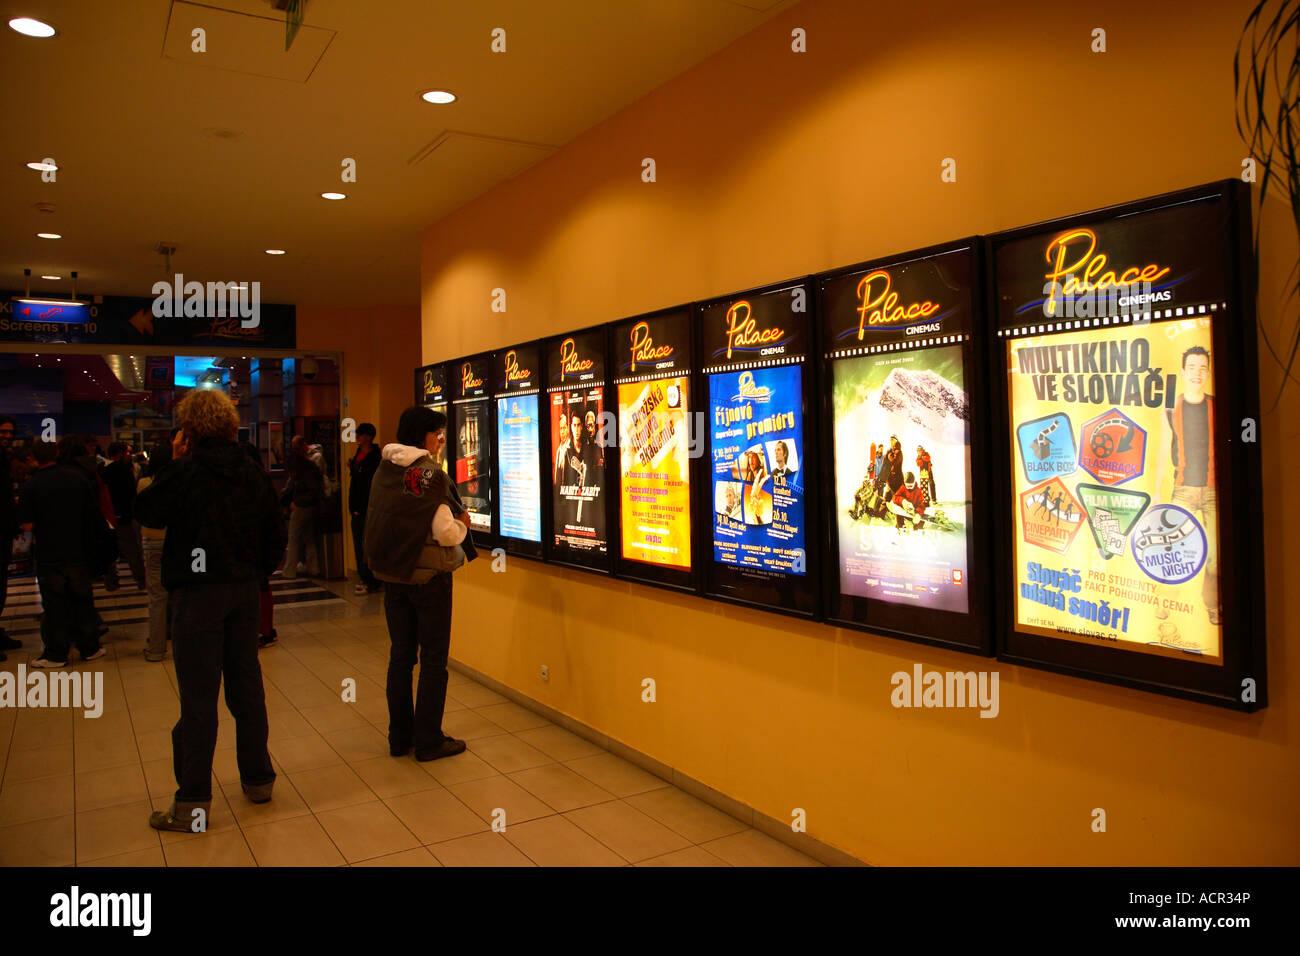 Czech Republic Prague nightlife cinema moviehouse Palace cinemas Prague 2006 - Stock Image